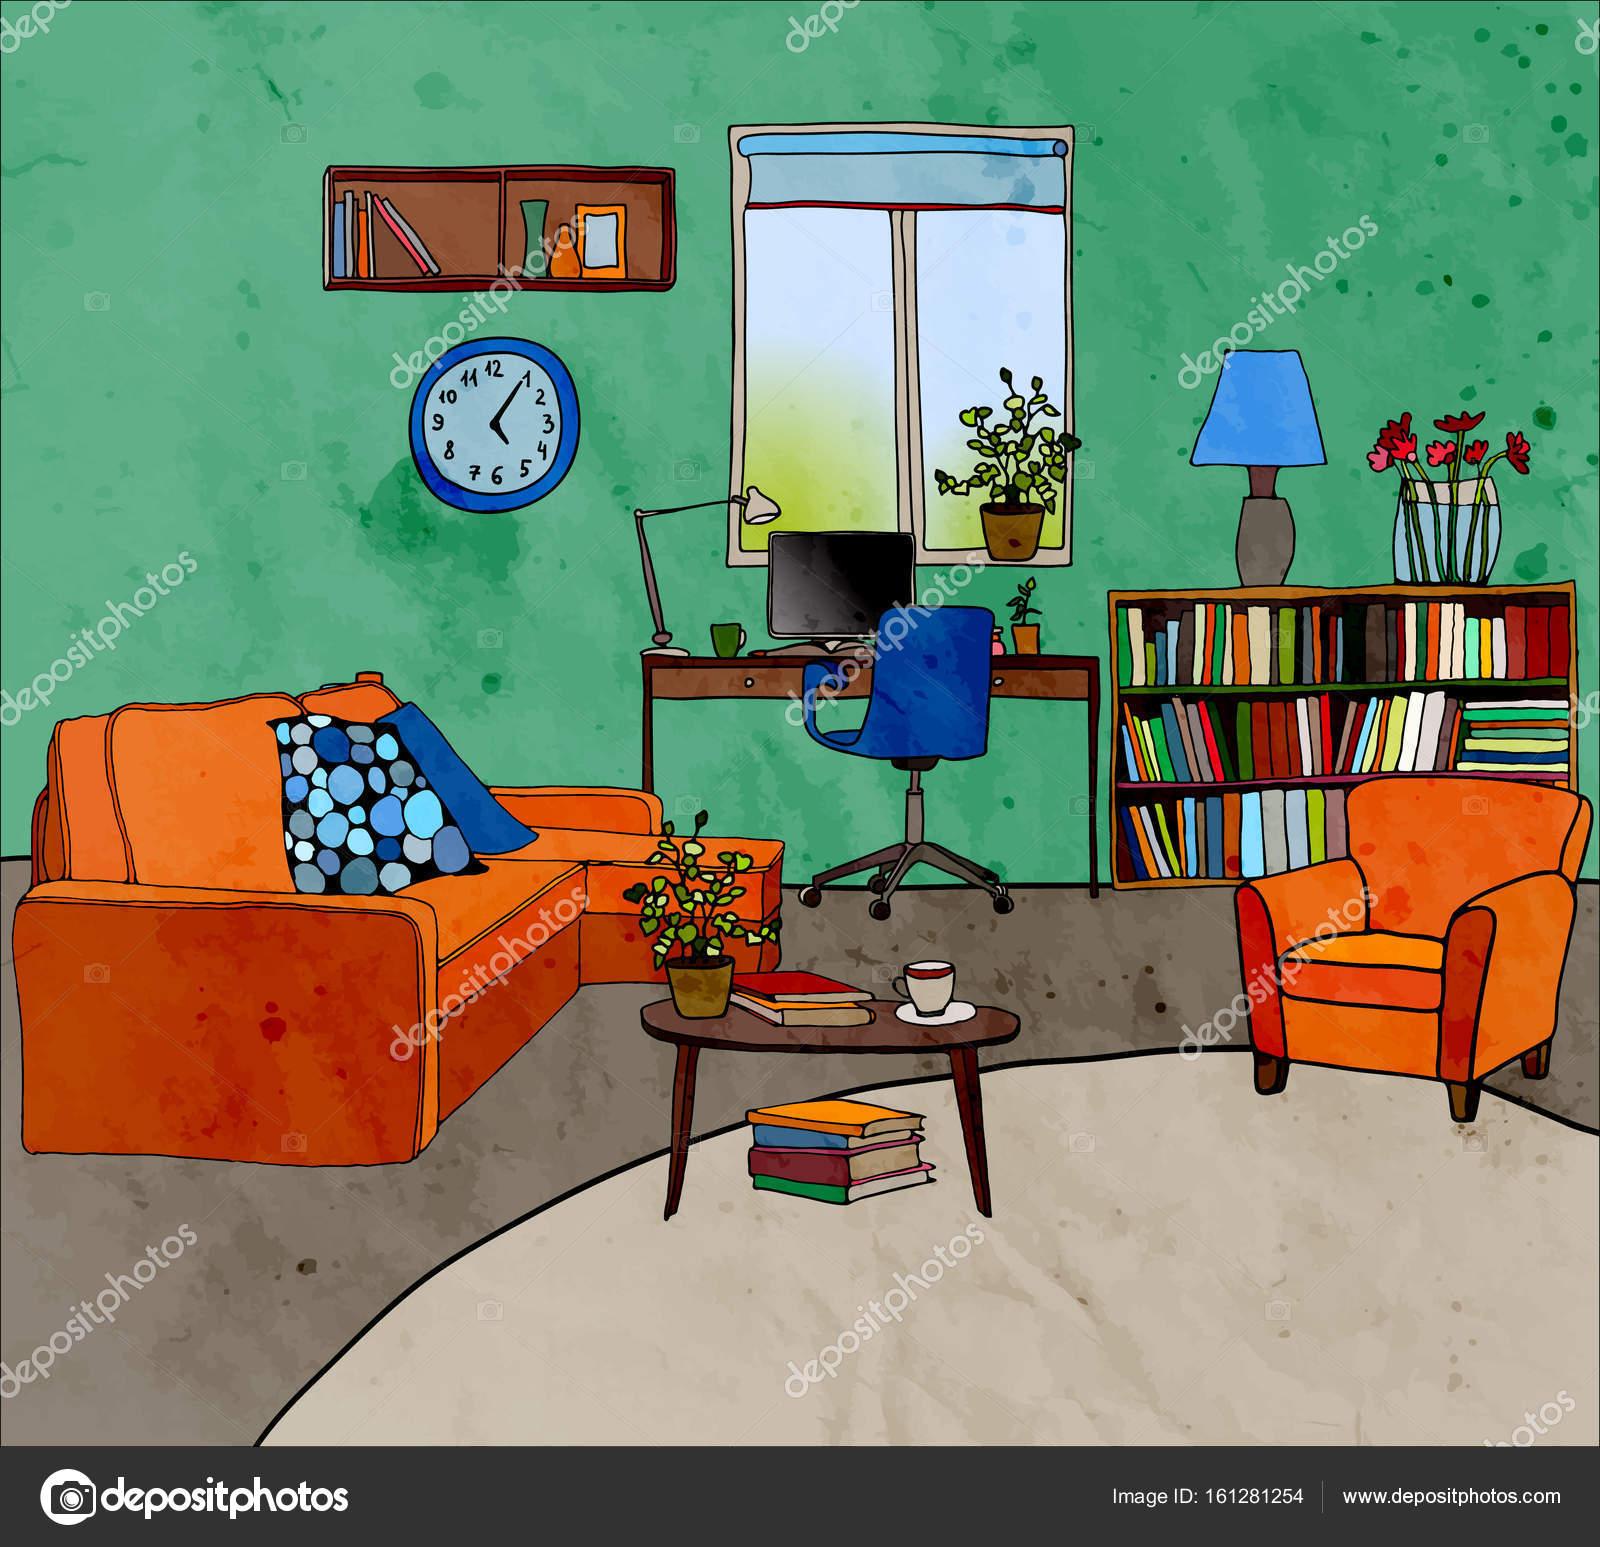 Vektor Illustration Der Modernen Wohnzimmer Möbel Farbe Tisch